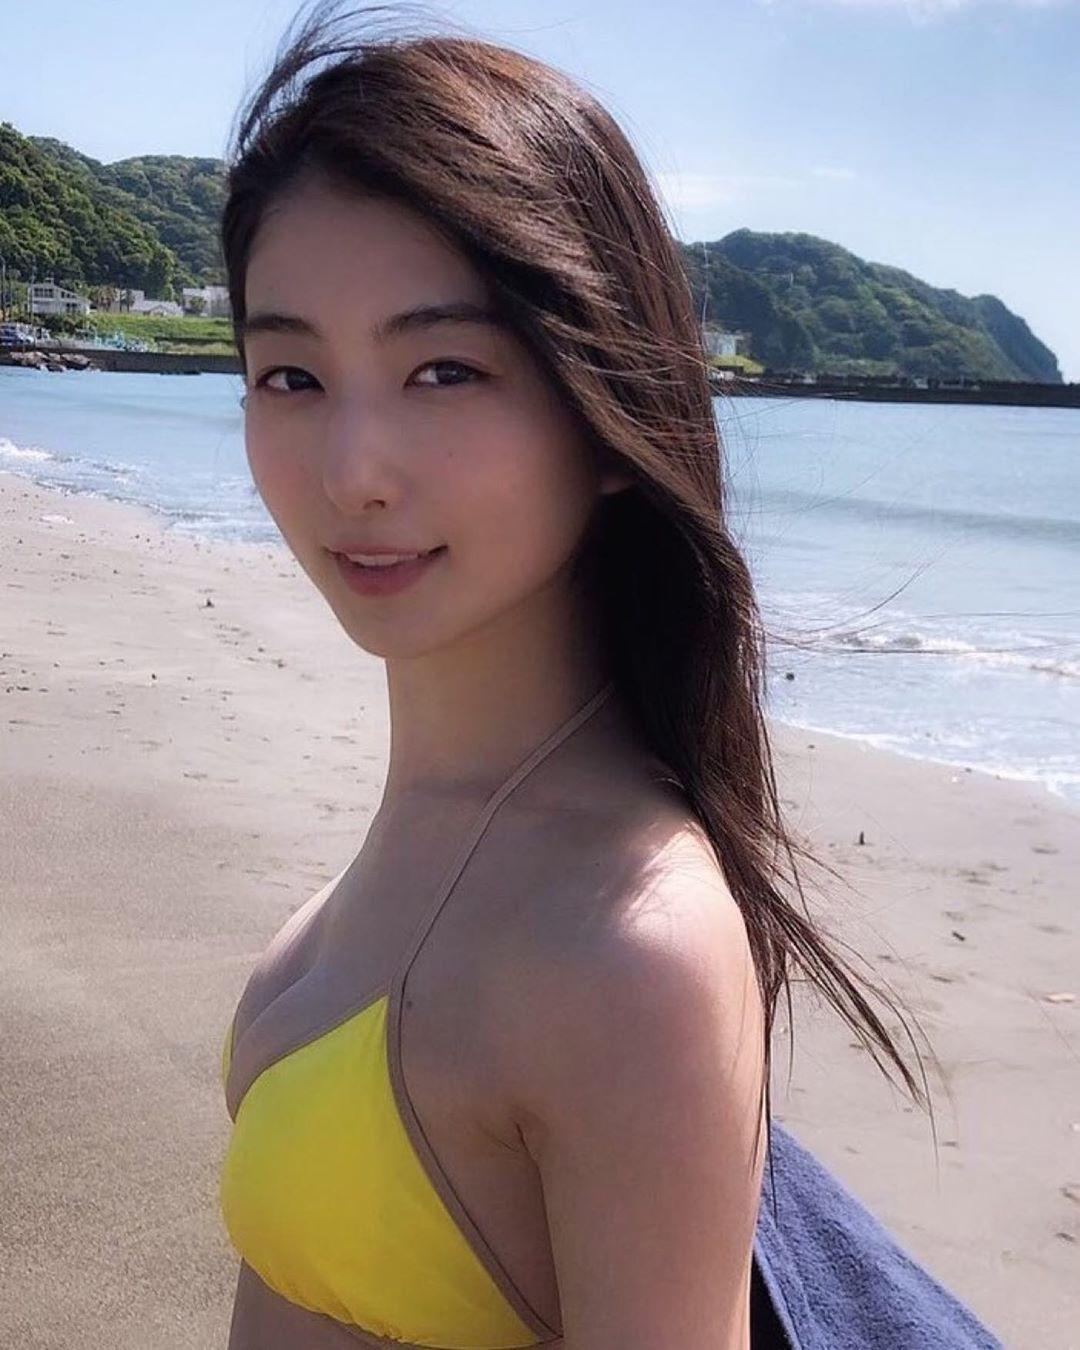 NbFusKPo o - IG正妹—川村海乃